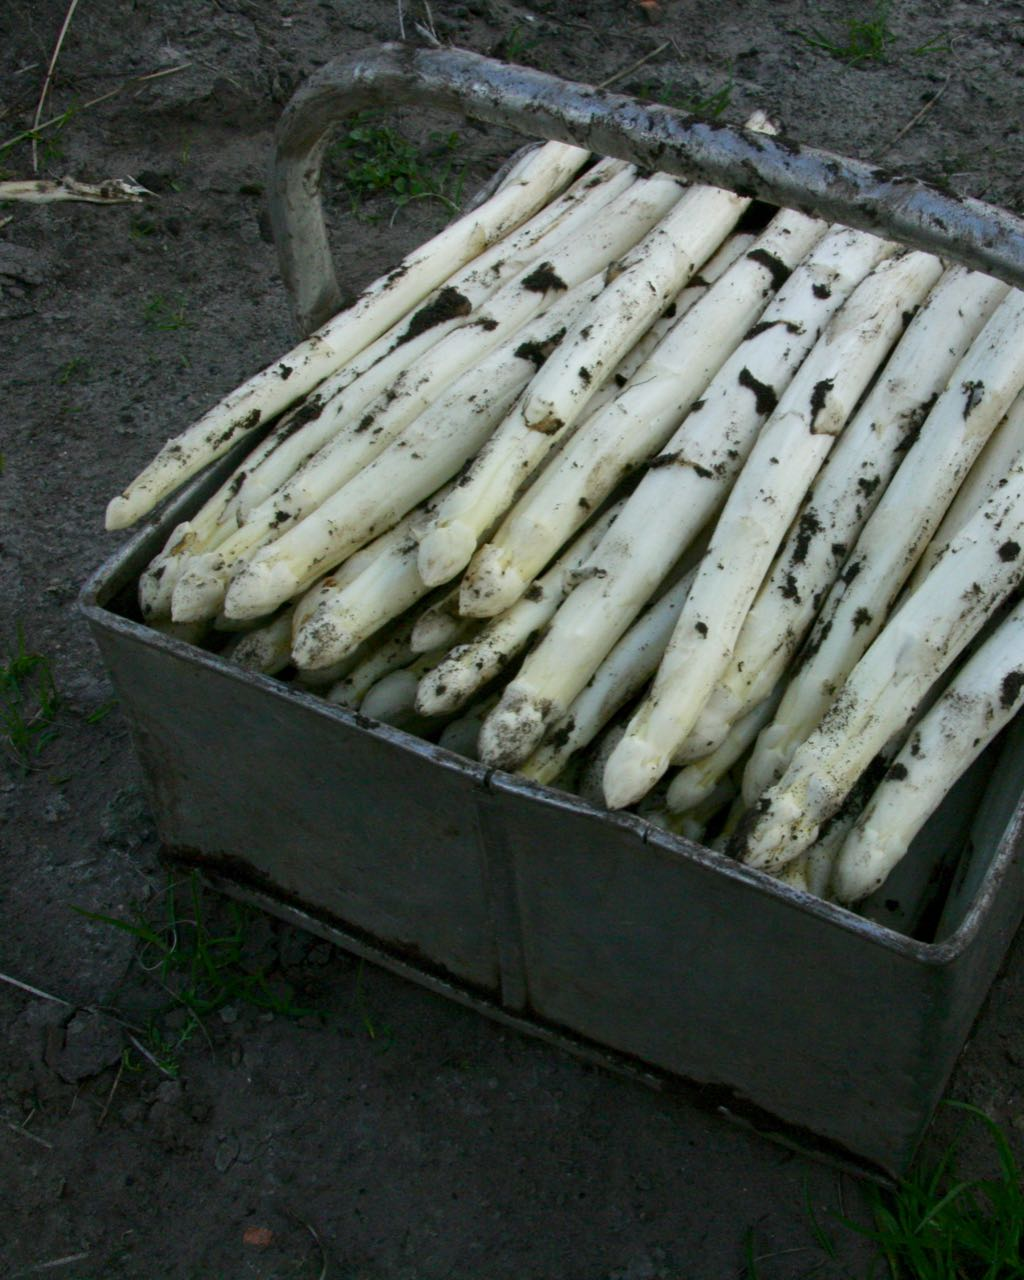 asperges van de boer groningen drenthe